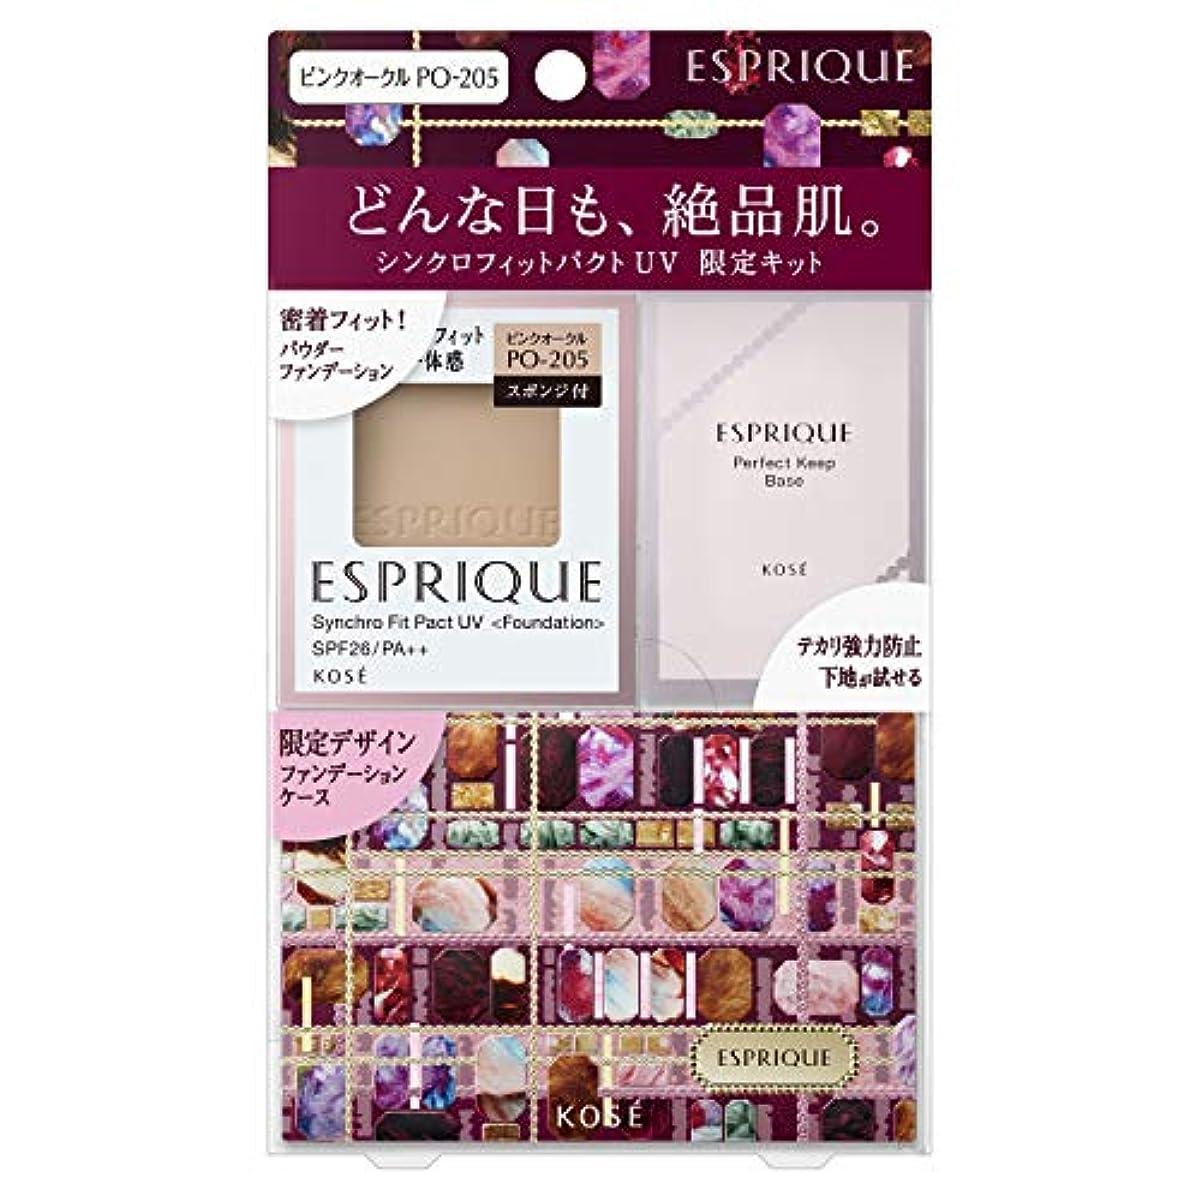 十分レキシコン存在エスプリーク シンクロフィット パクト UV 限定キット 2 PO-205 ピンクオークル